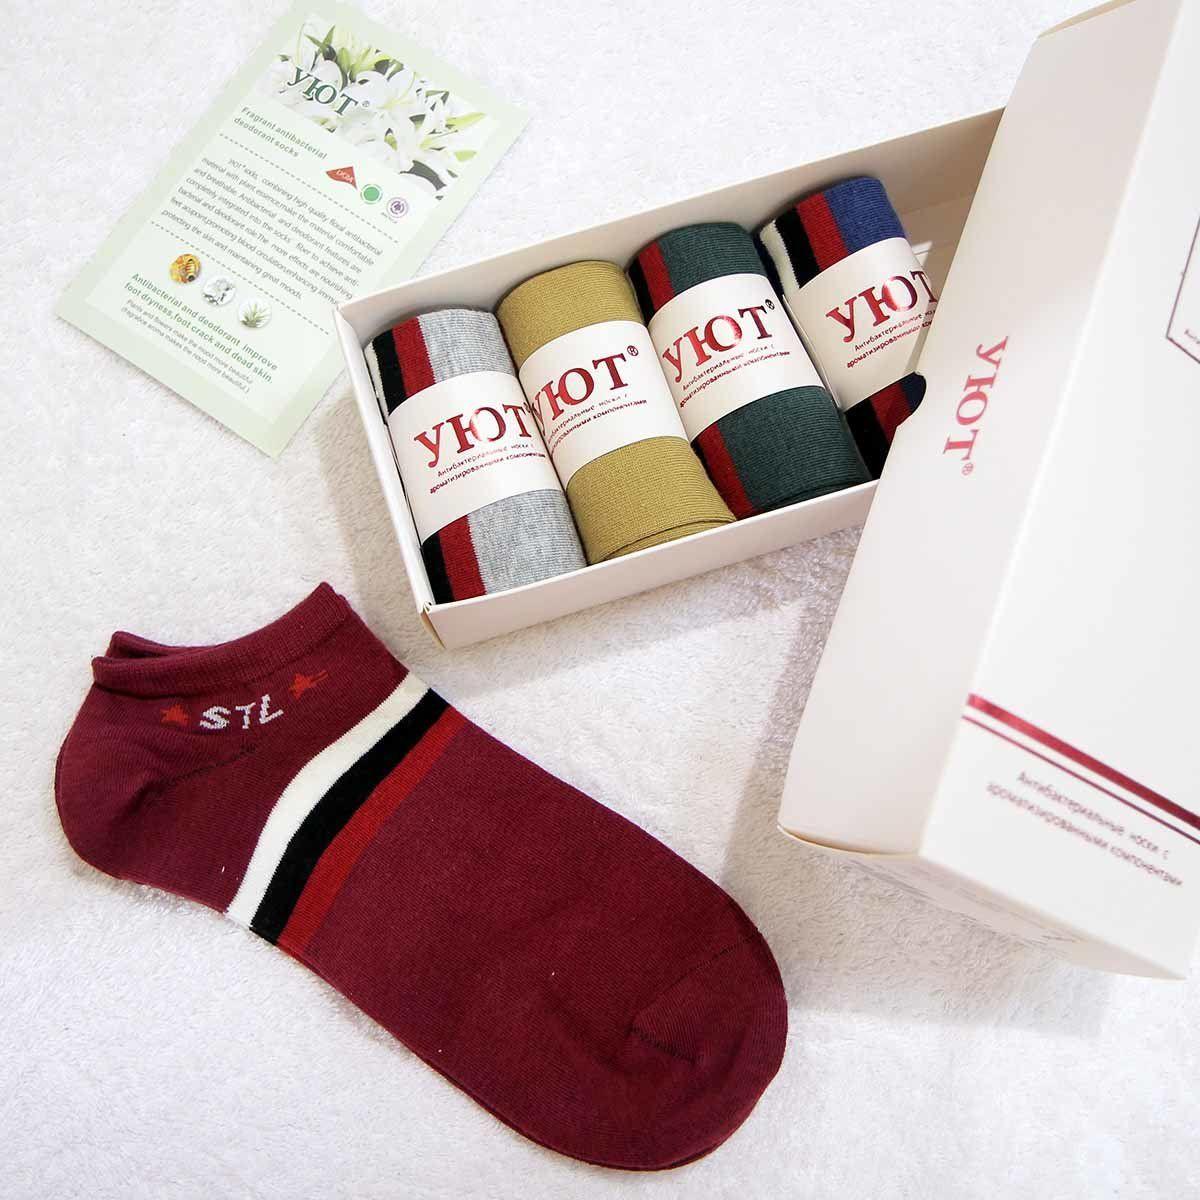 1c0d94cb3895 купить дешево Носки женские УЮТ в коробке штучно и оптом от ...